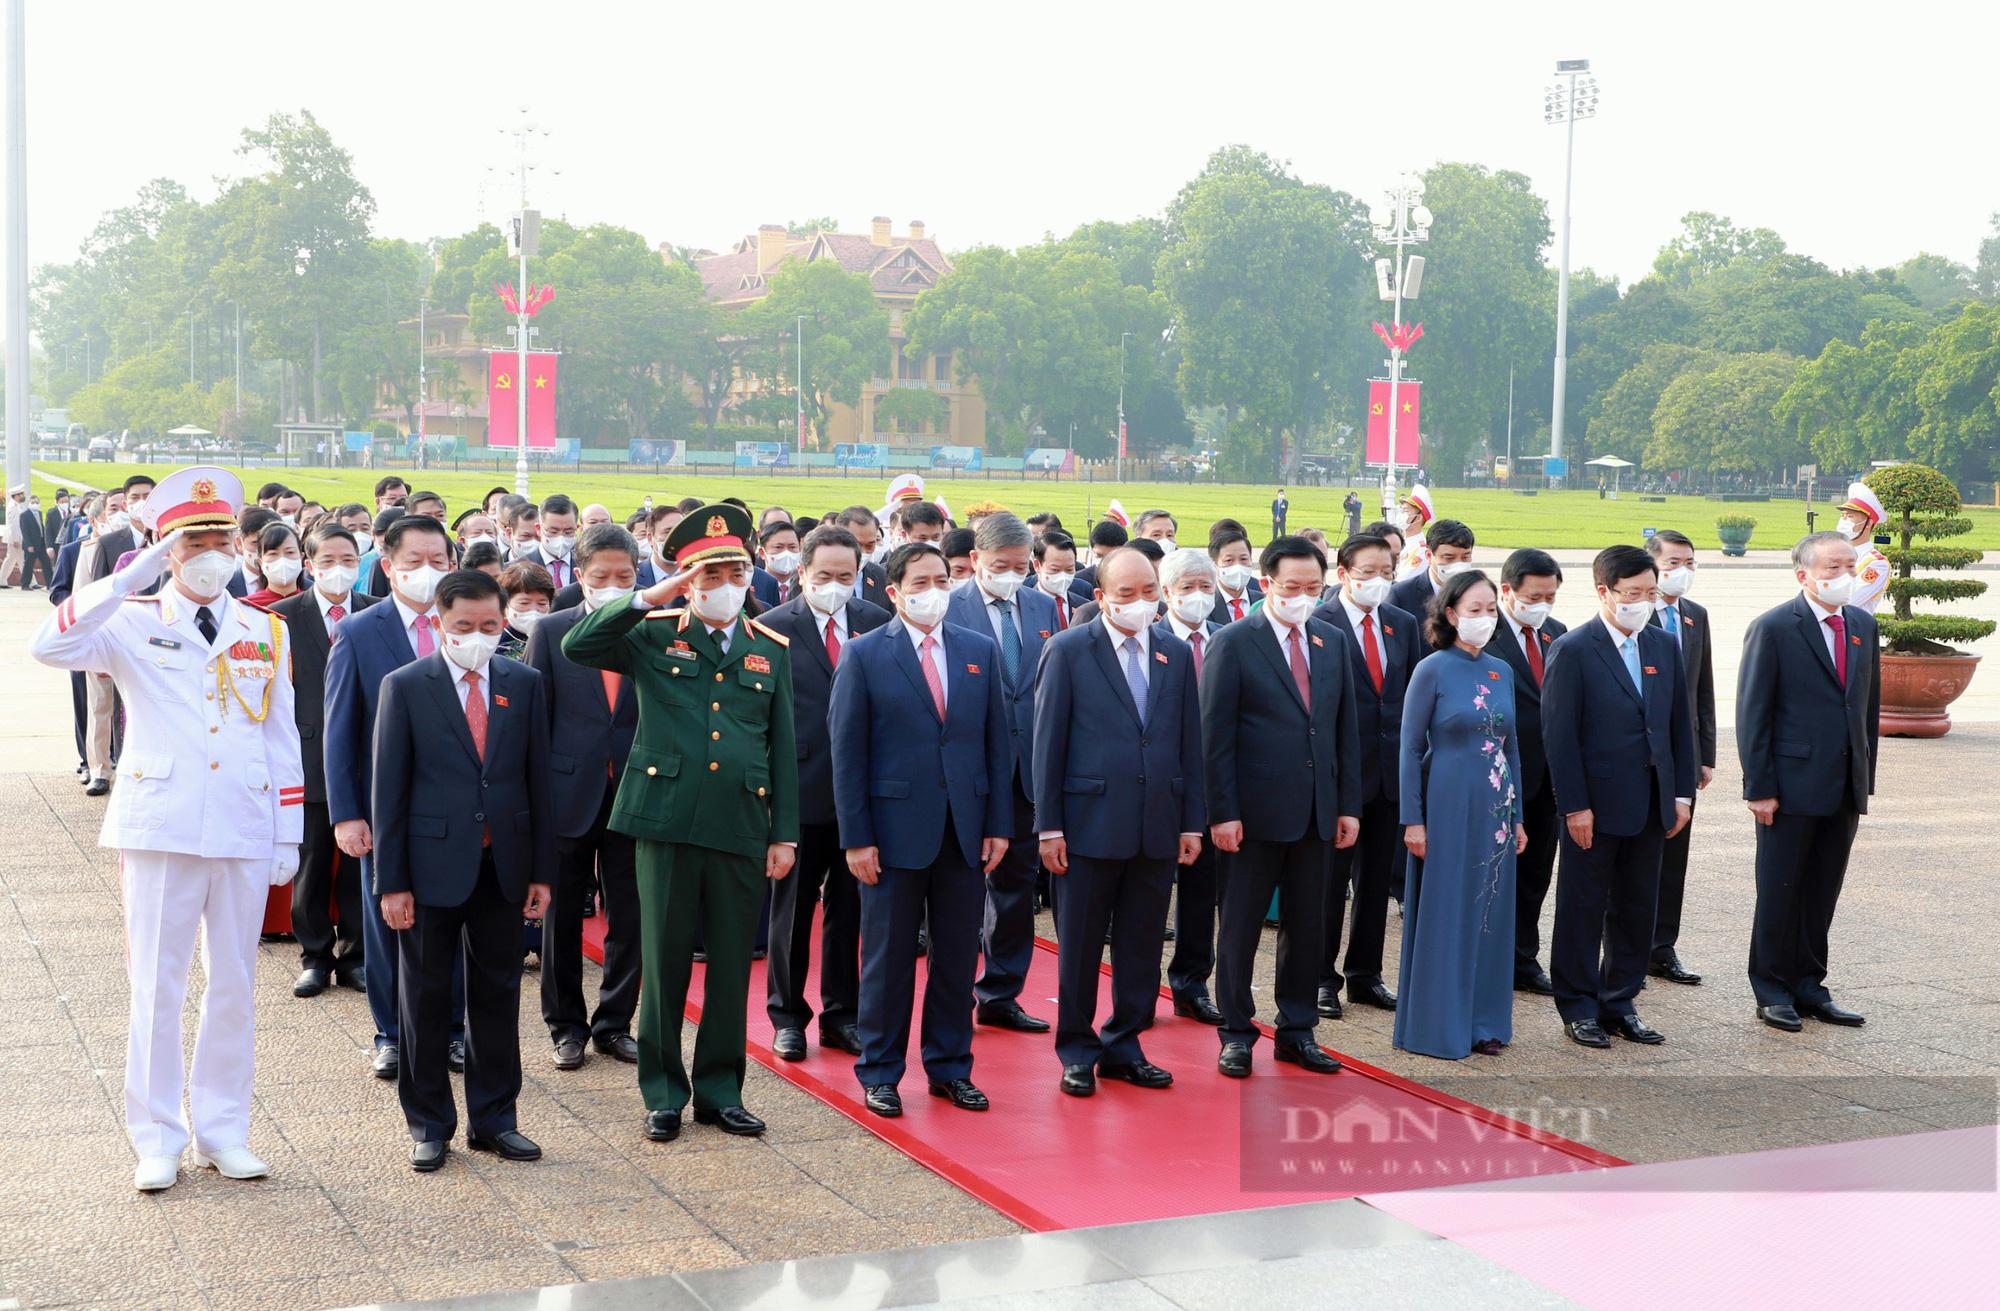 Lãnh đạo Đảng, Nhà nước và đại biểu Quốc hội khóa XV vào Lăng viếng Bác - Ảnh 2.